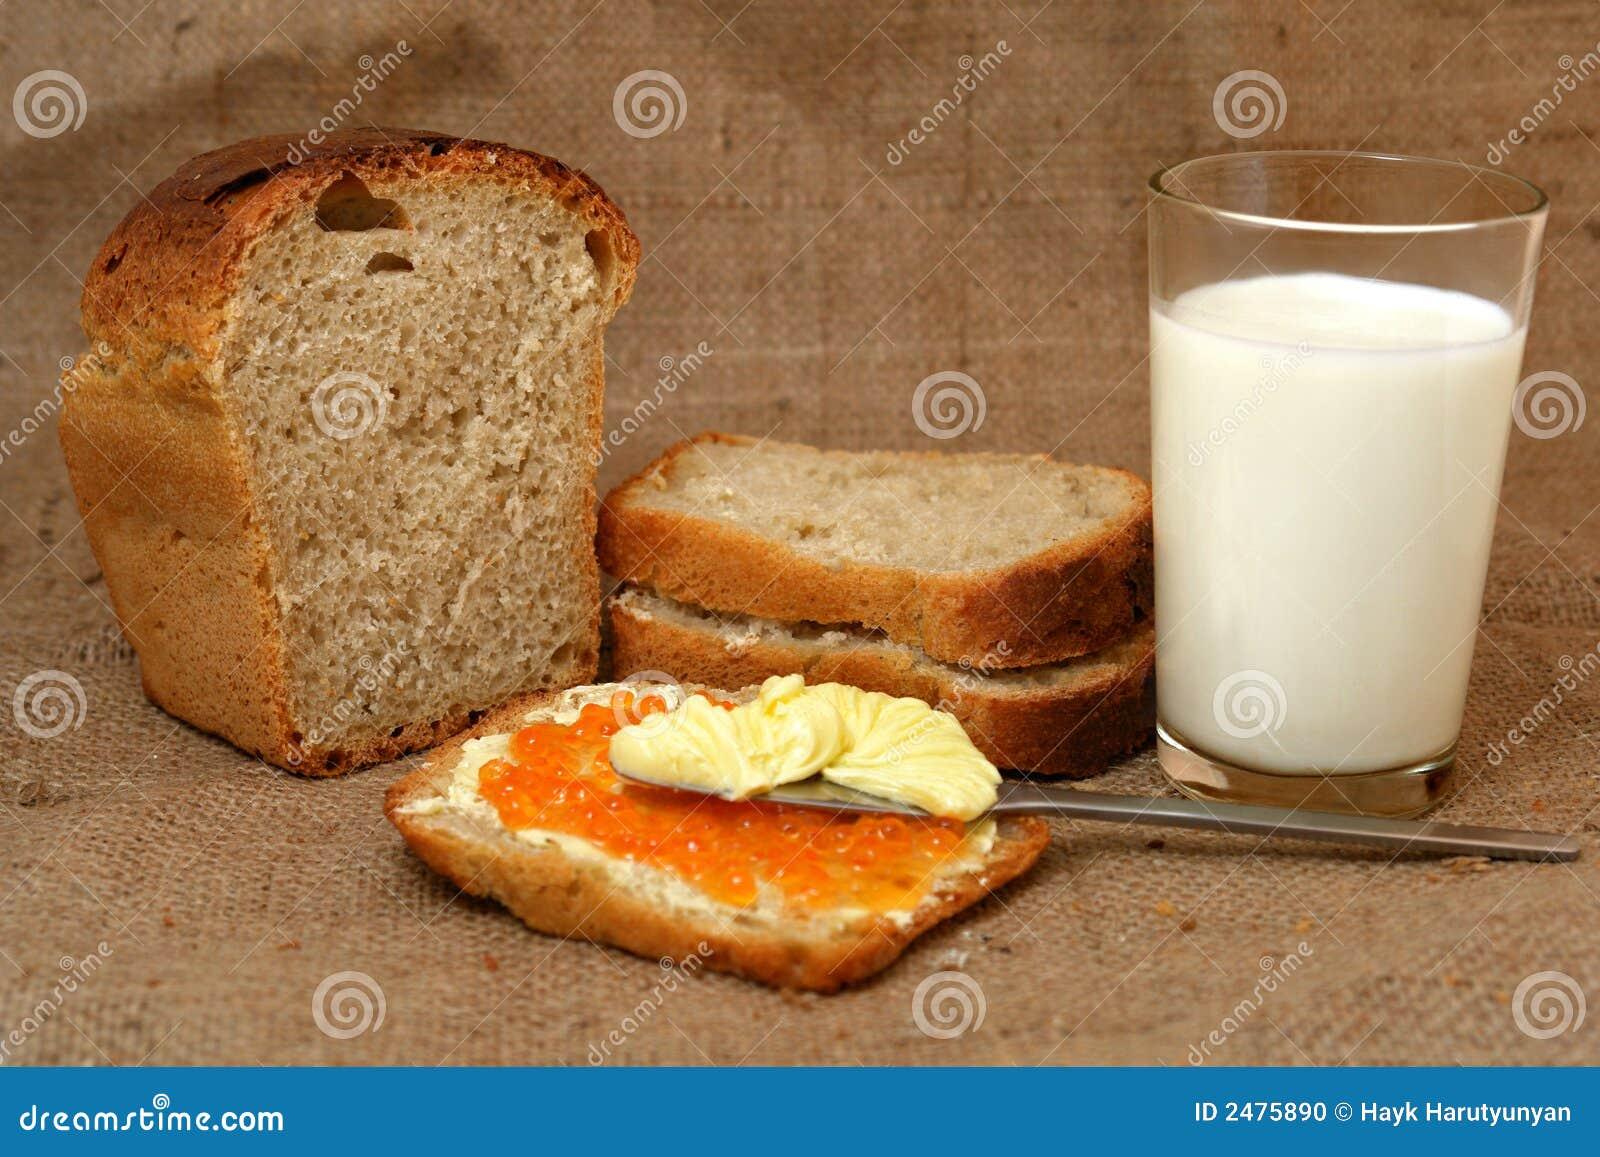 white eggs calories